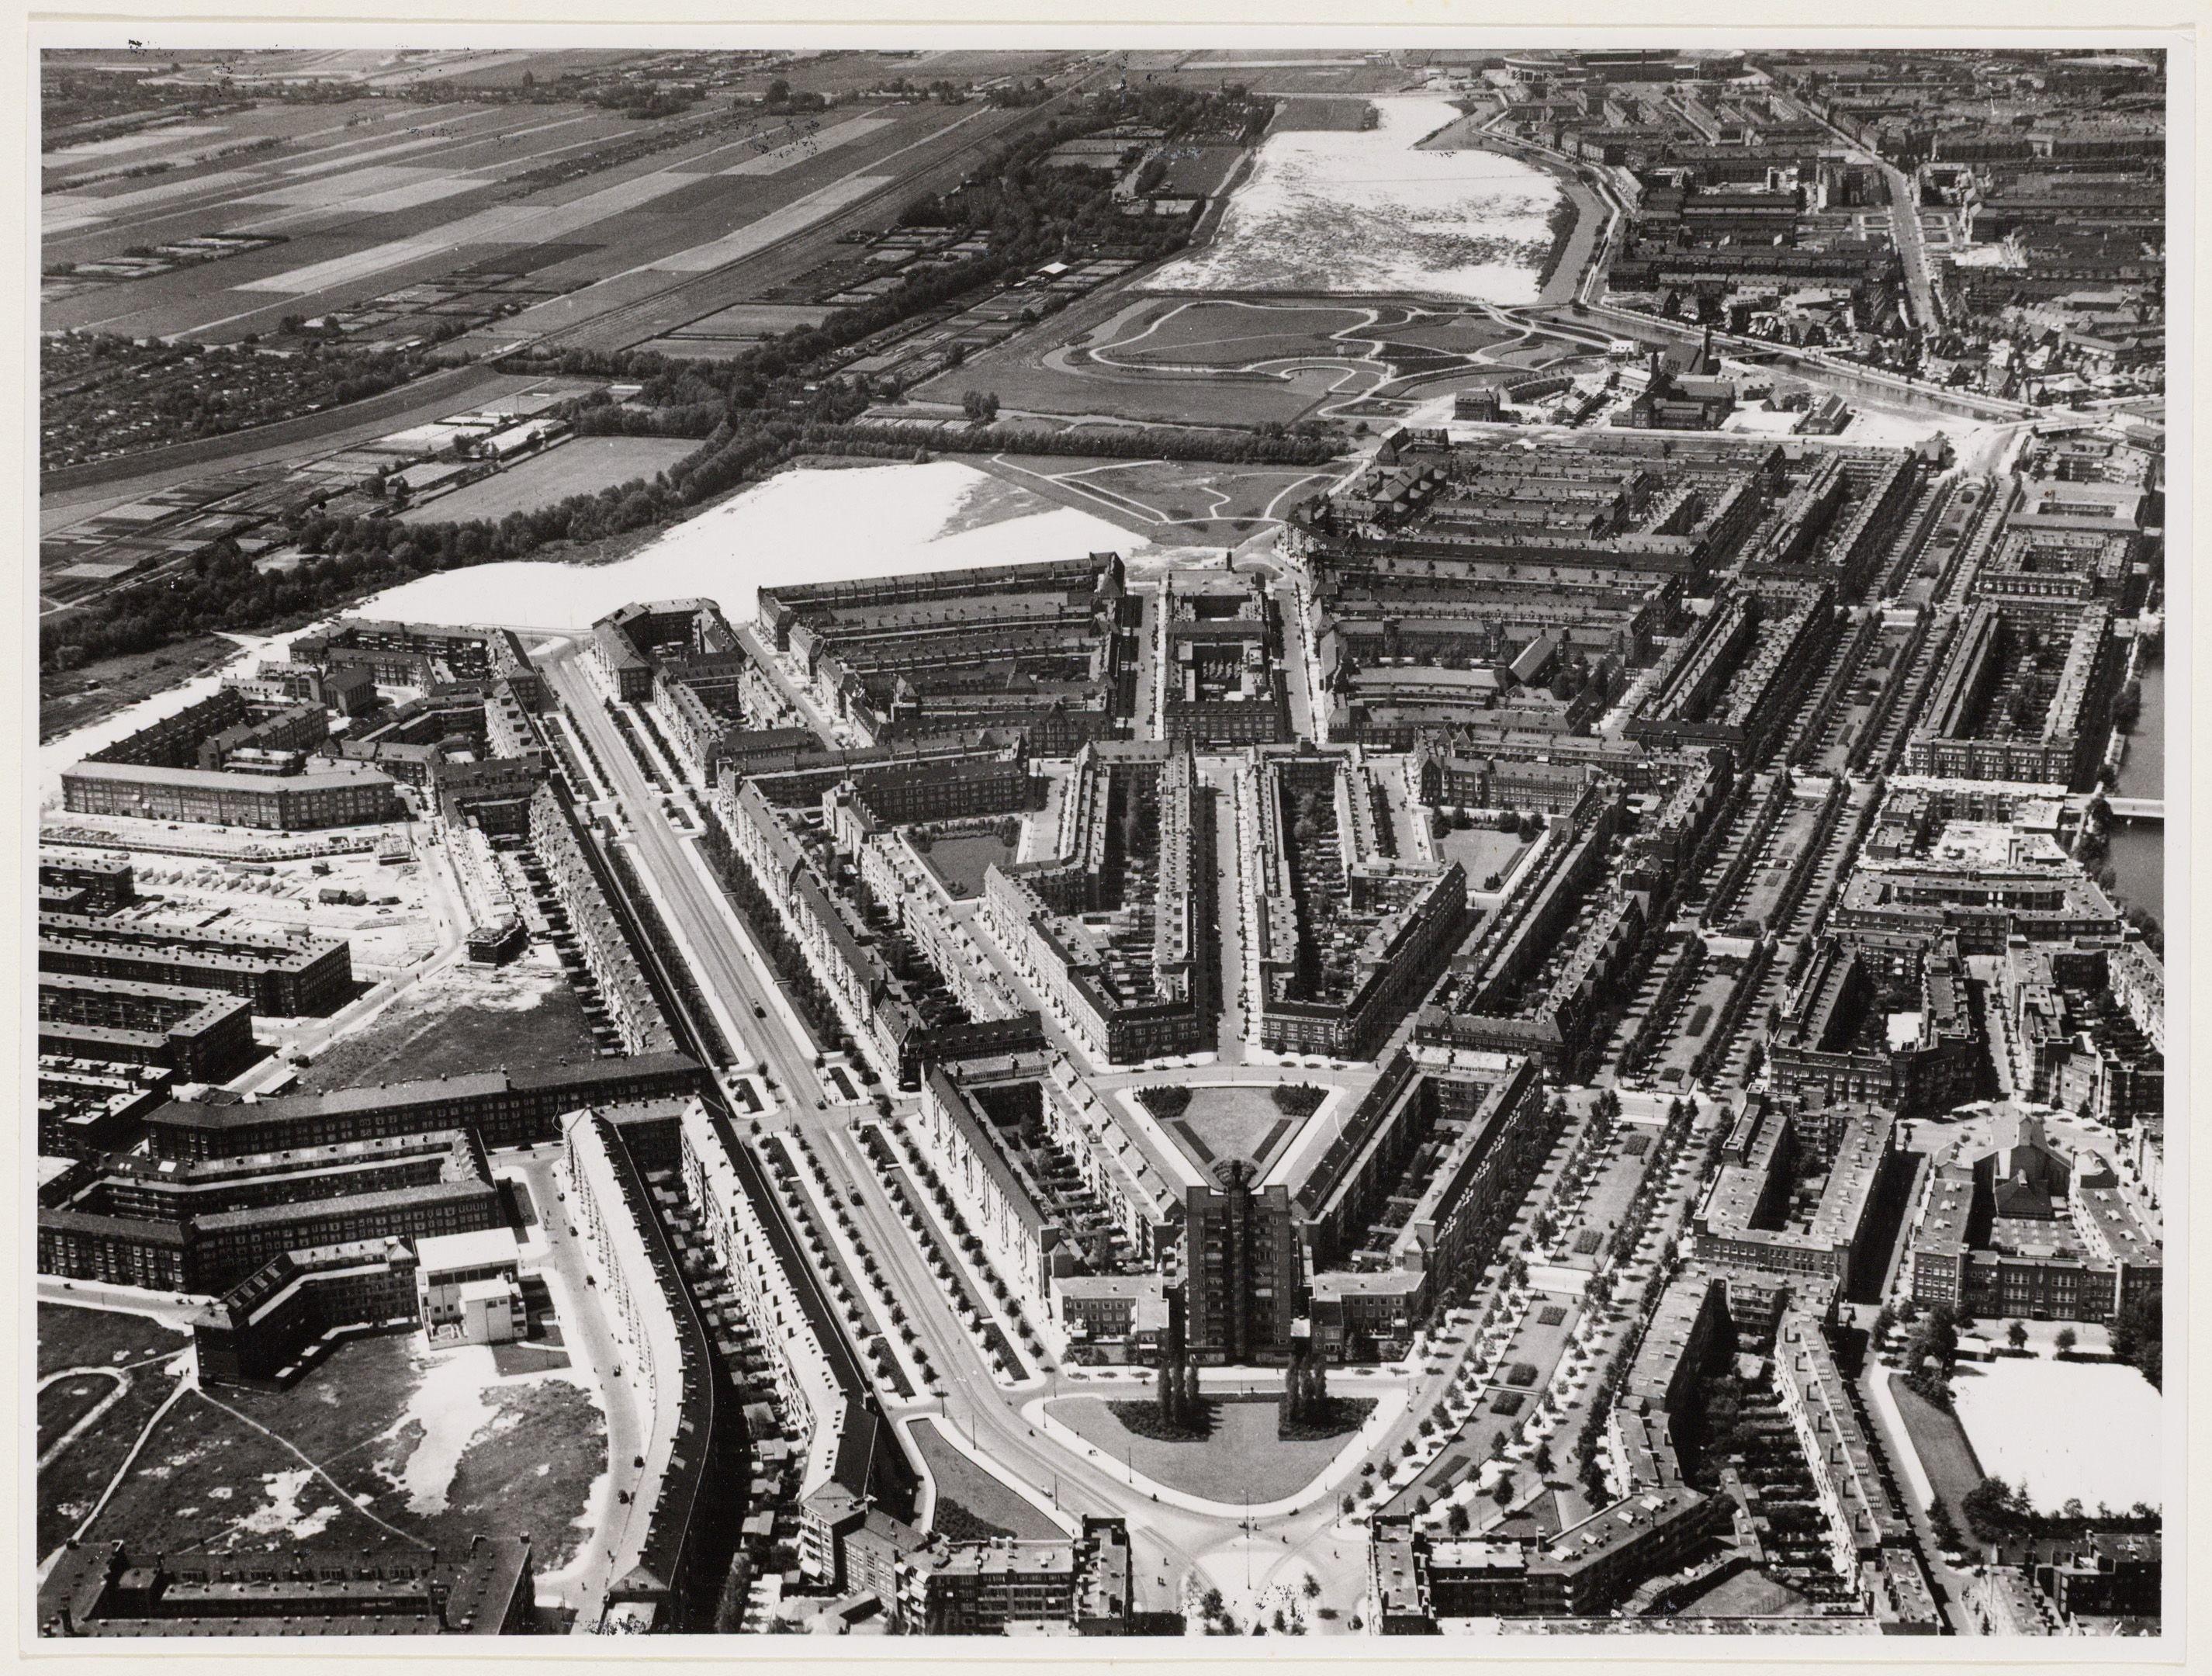 Zwart-wit foto van symetrisch stratenplan in V-vorm.